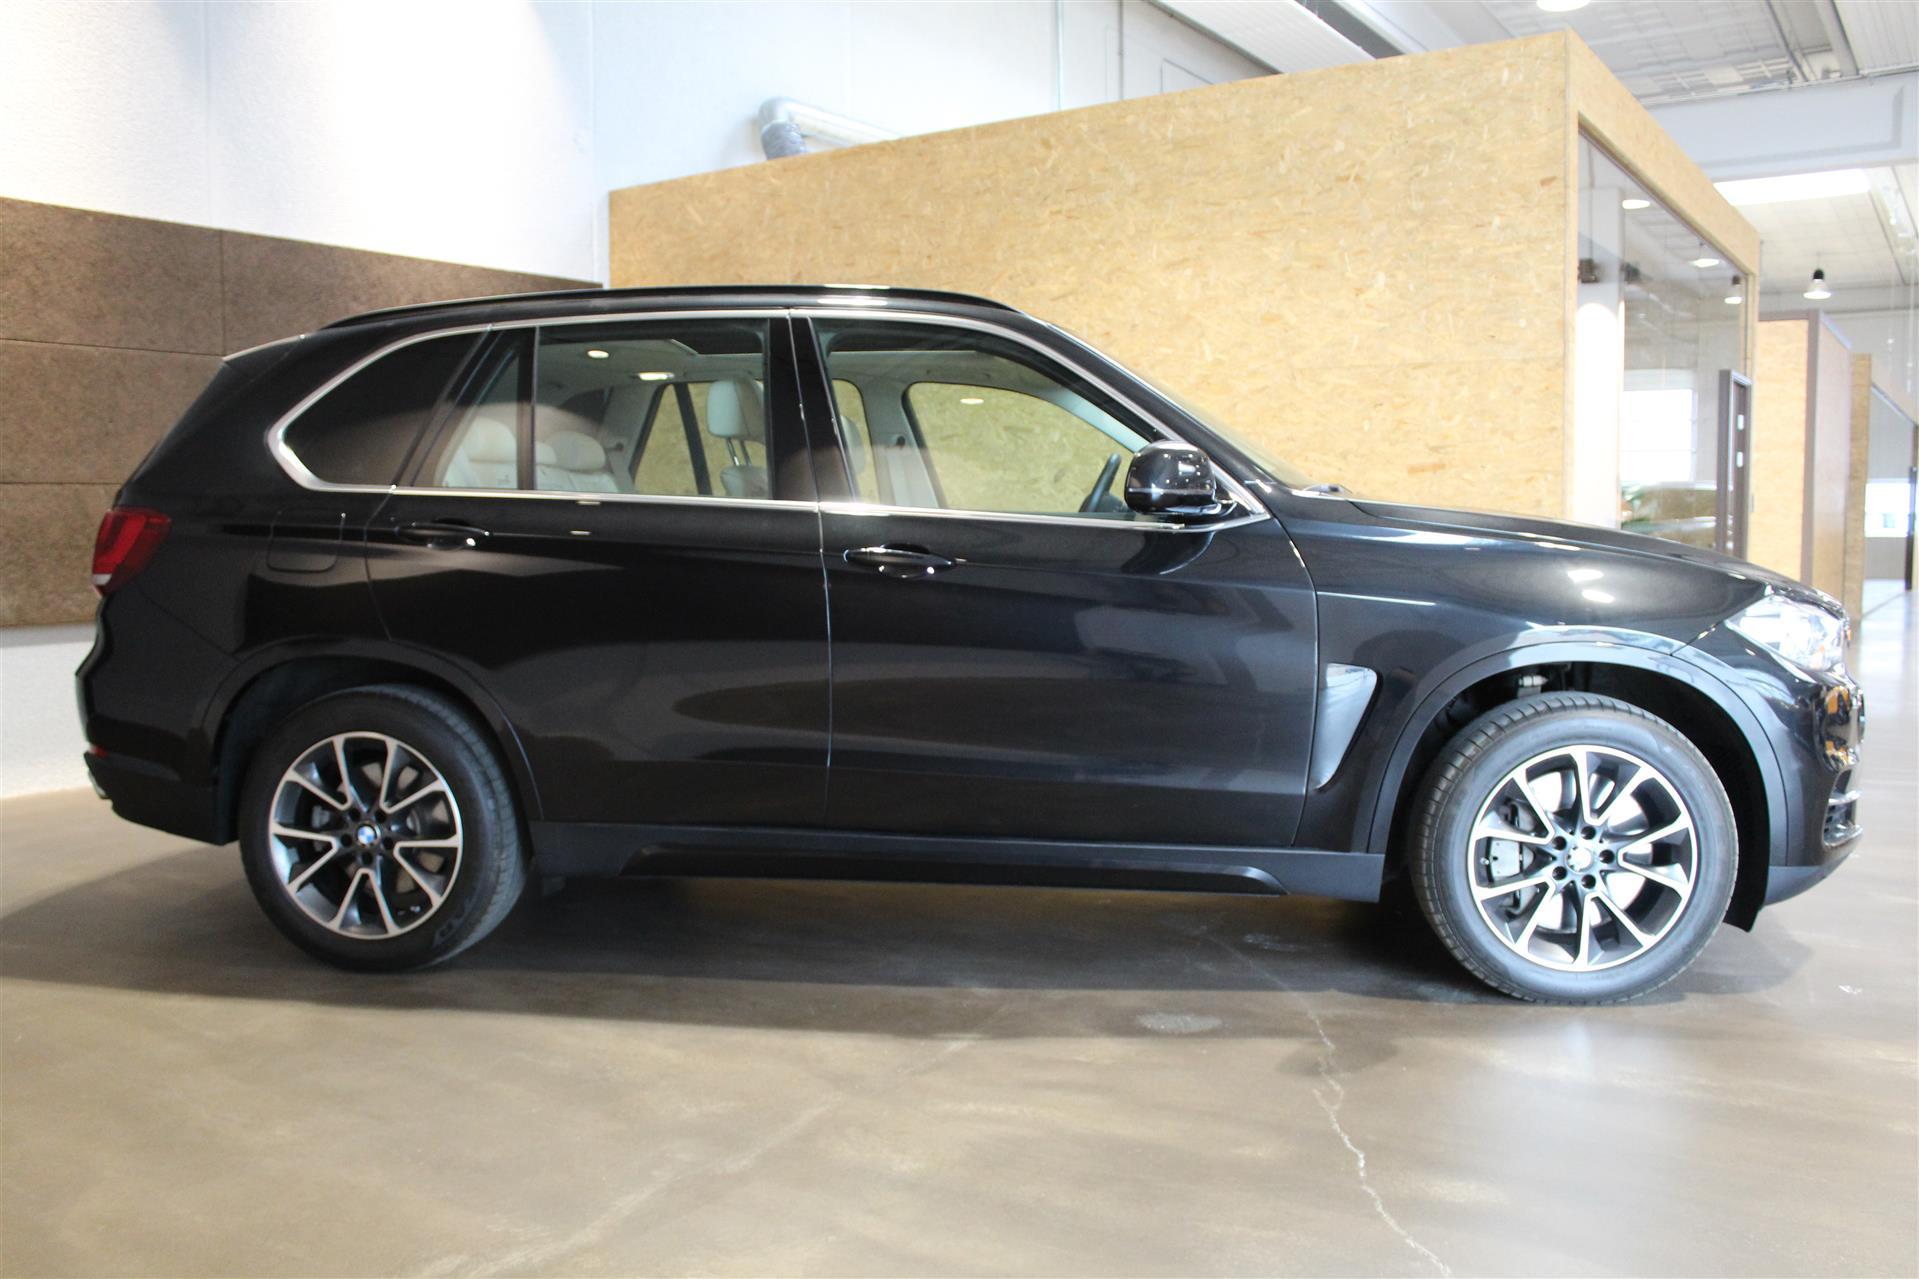 Billede af BMW X5 50I 4,4 XDrive 450HK 5d 8g Aut.